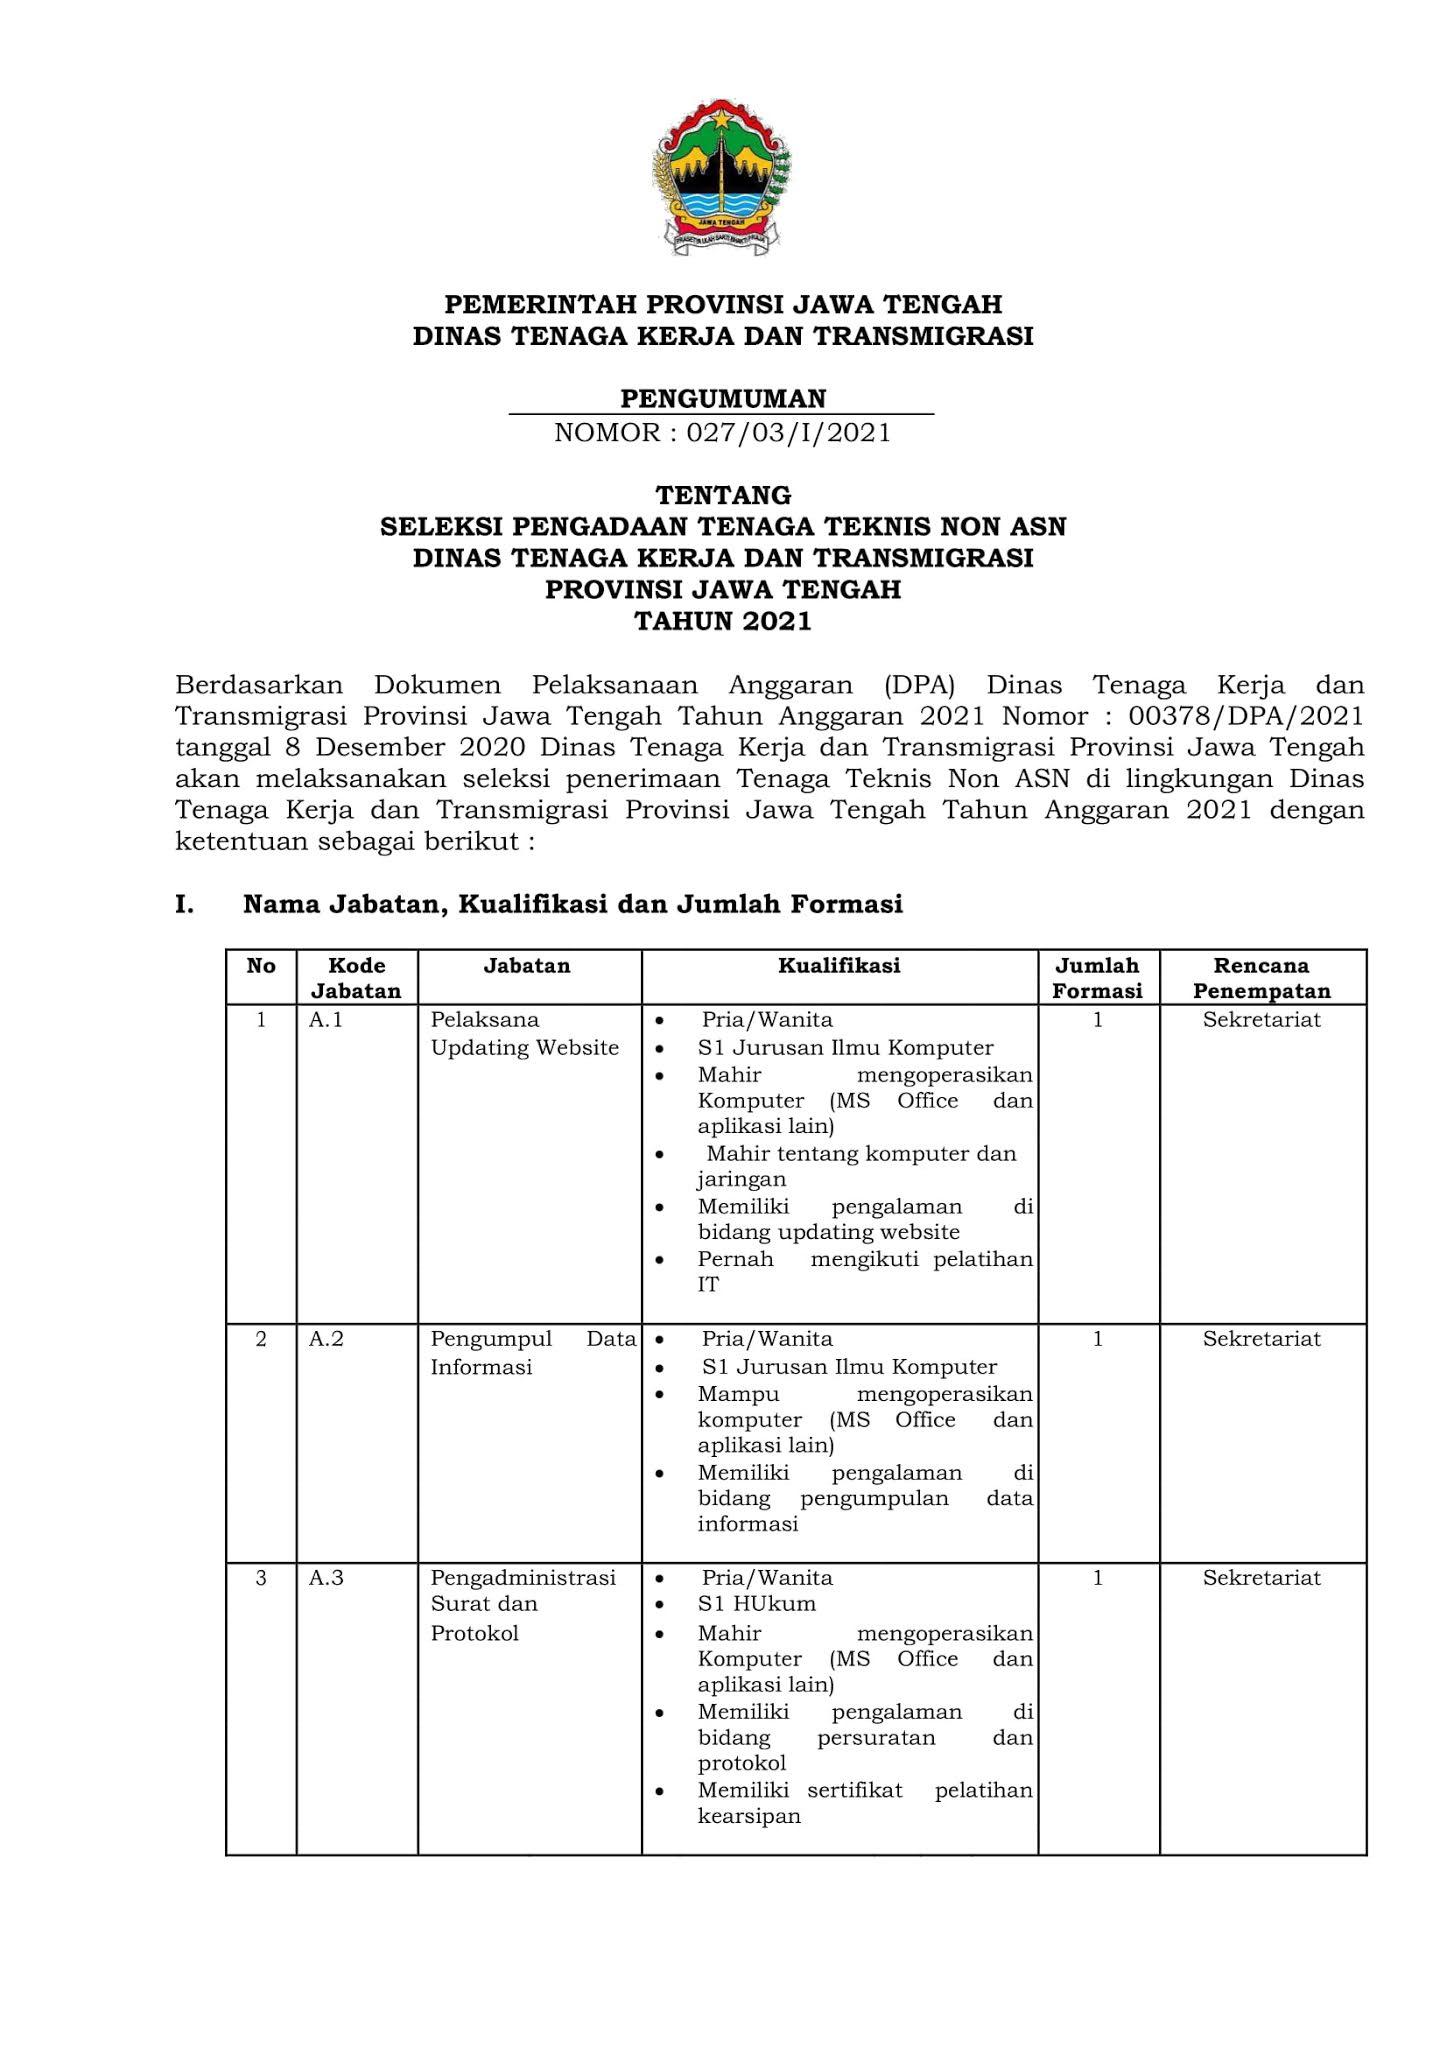 Dinas Tenaga Kerja dan Transmigrasi Bulan Januari 2021